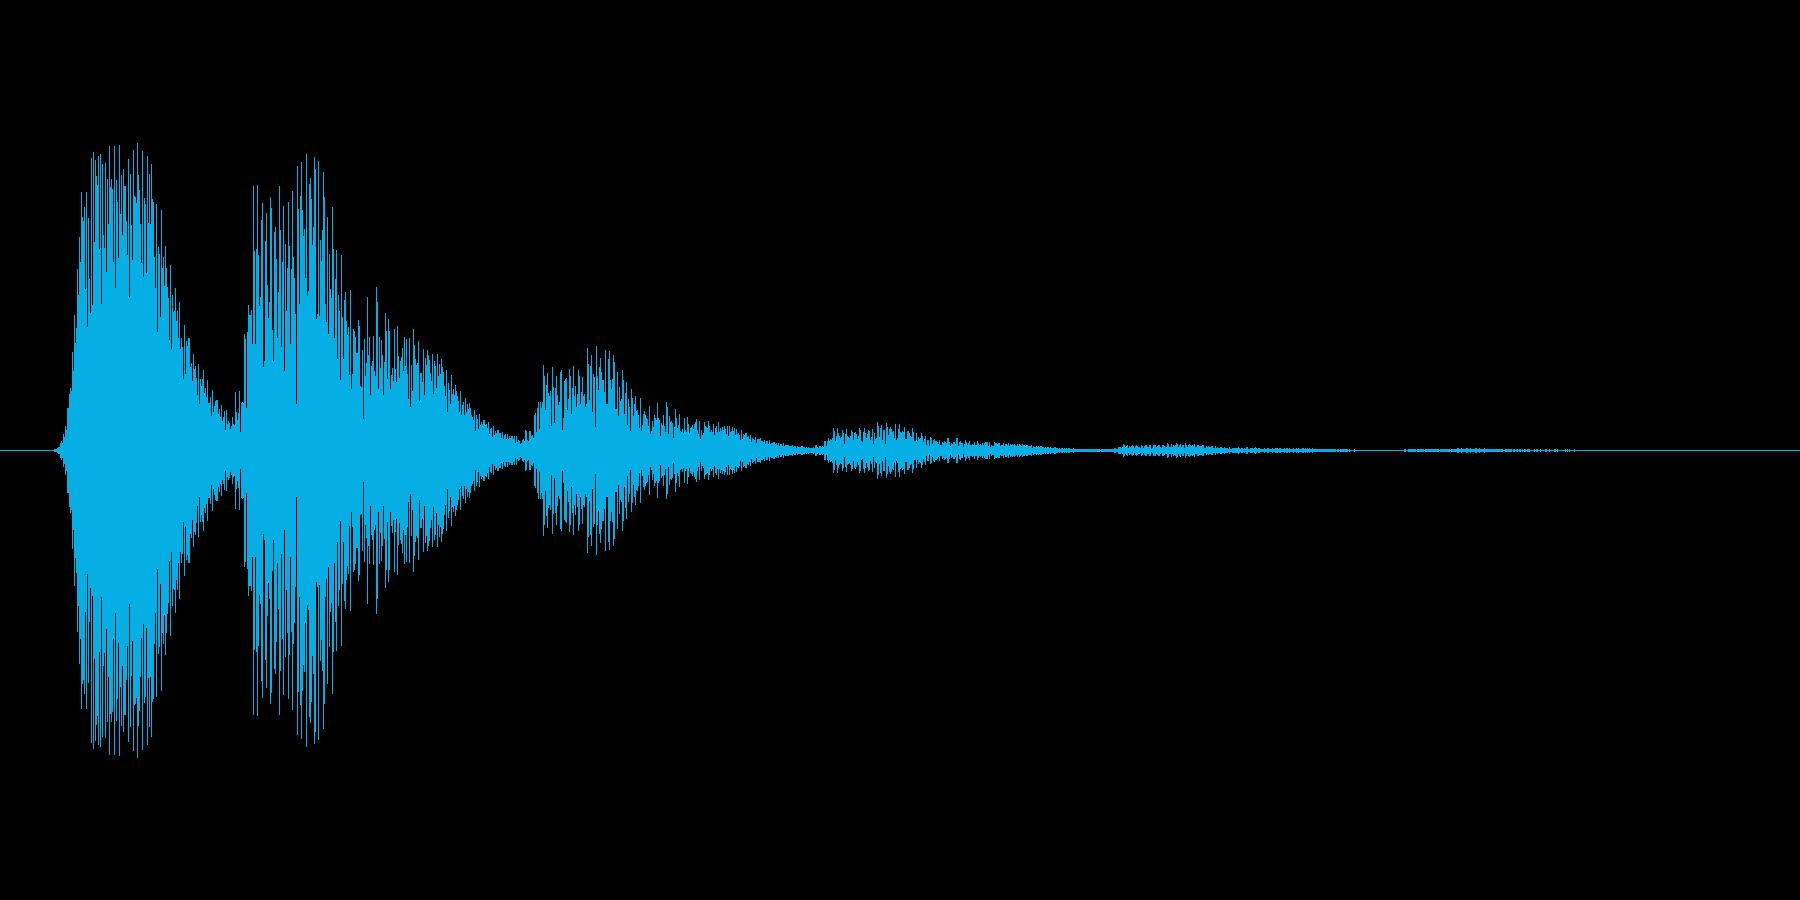 ファミコン風効果音 キャンセル系 09の再生済みの波形